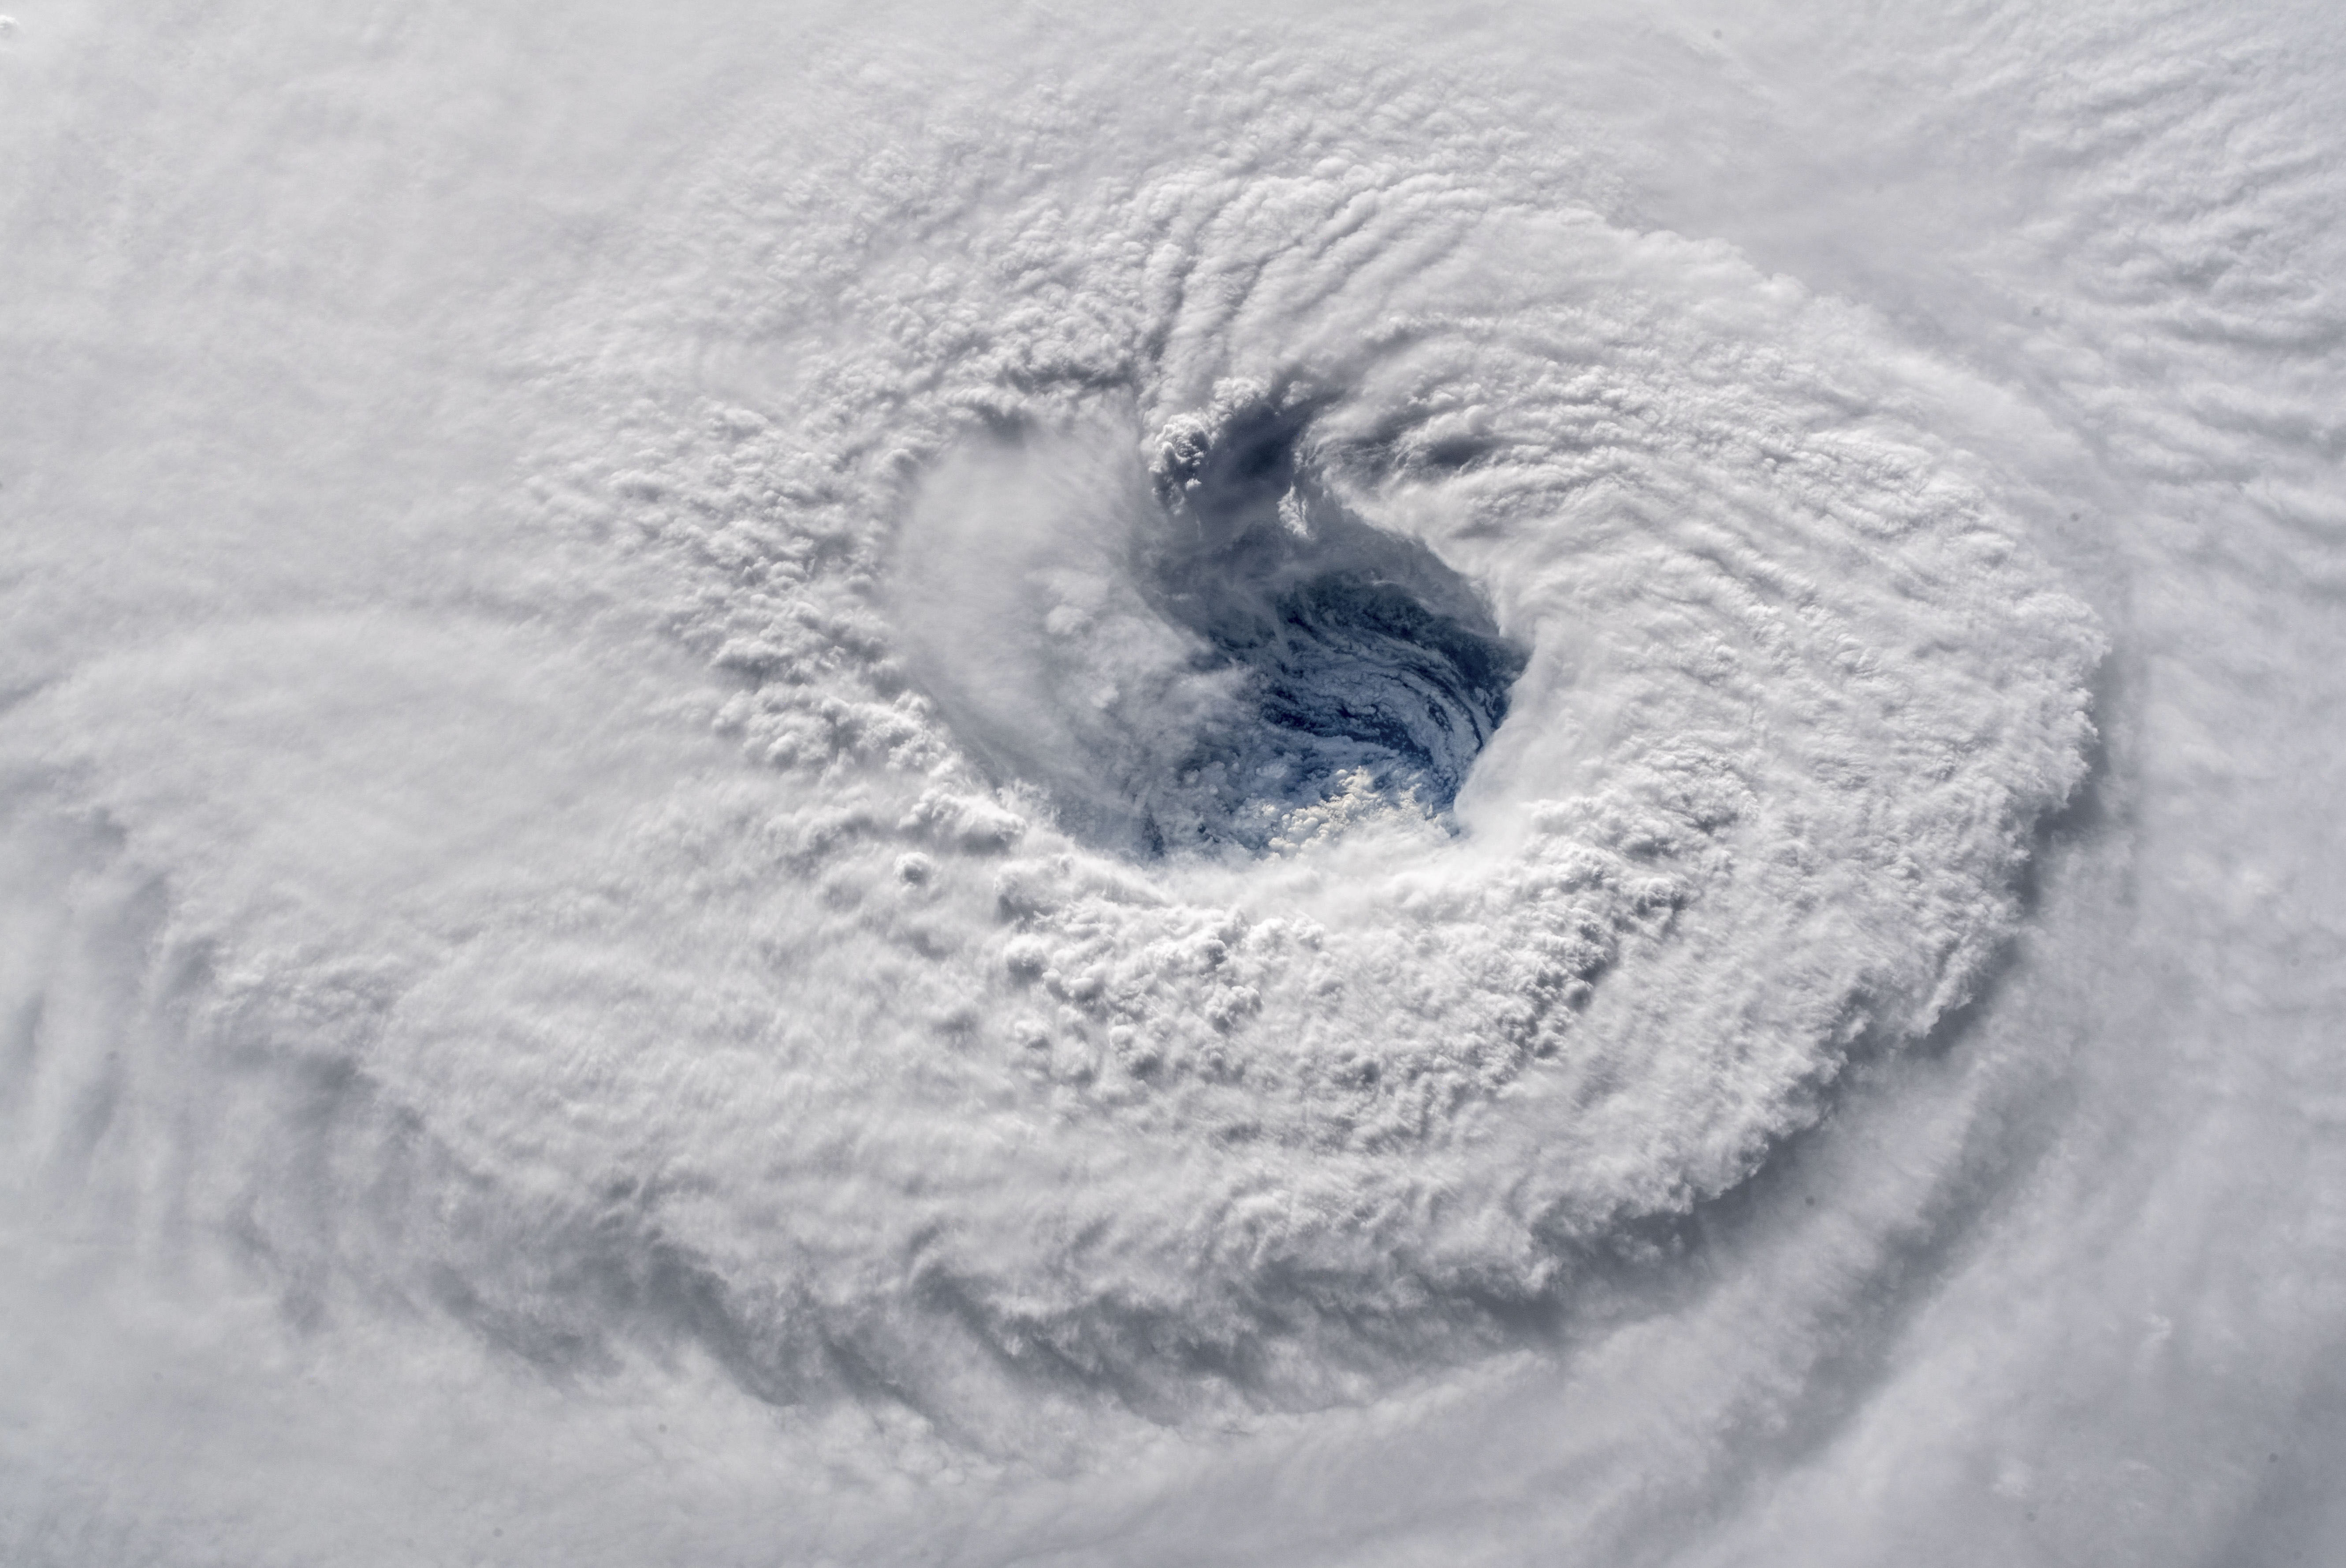 Trump többször is komolyan rákérdezett, hogy nem kéne-e atomot dobni a hurrikánokra